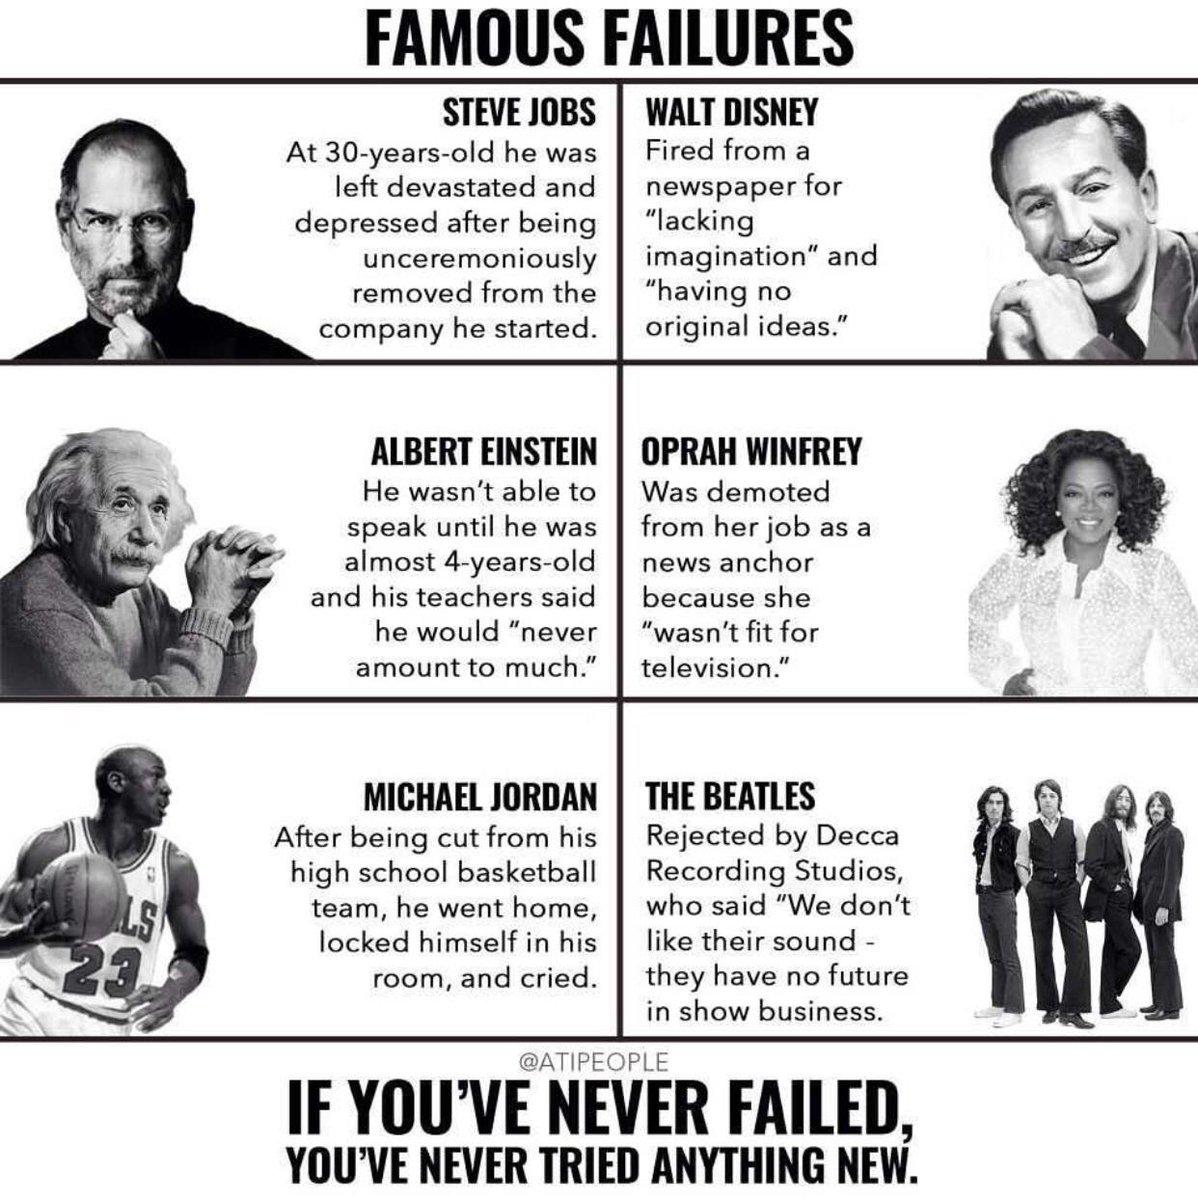 Famous failures... https://t.co/CmAxlPLJ8f